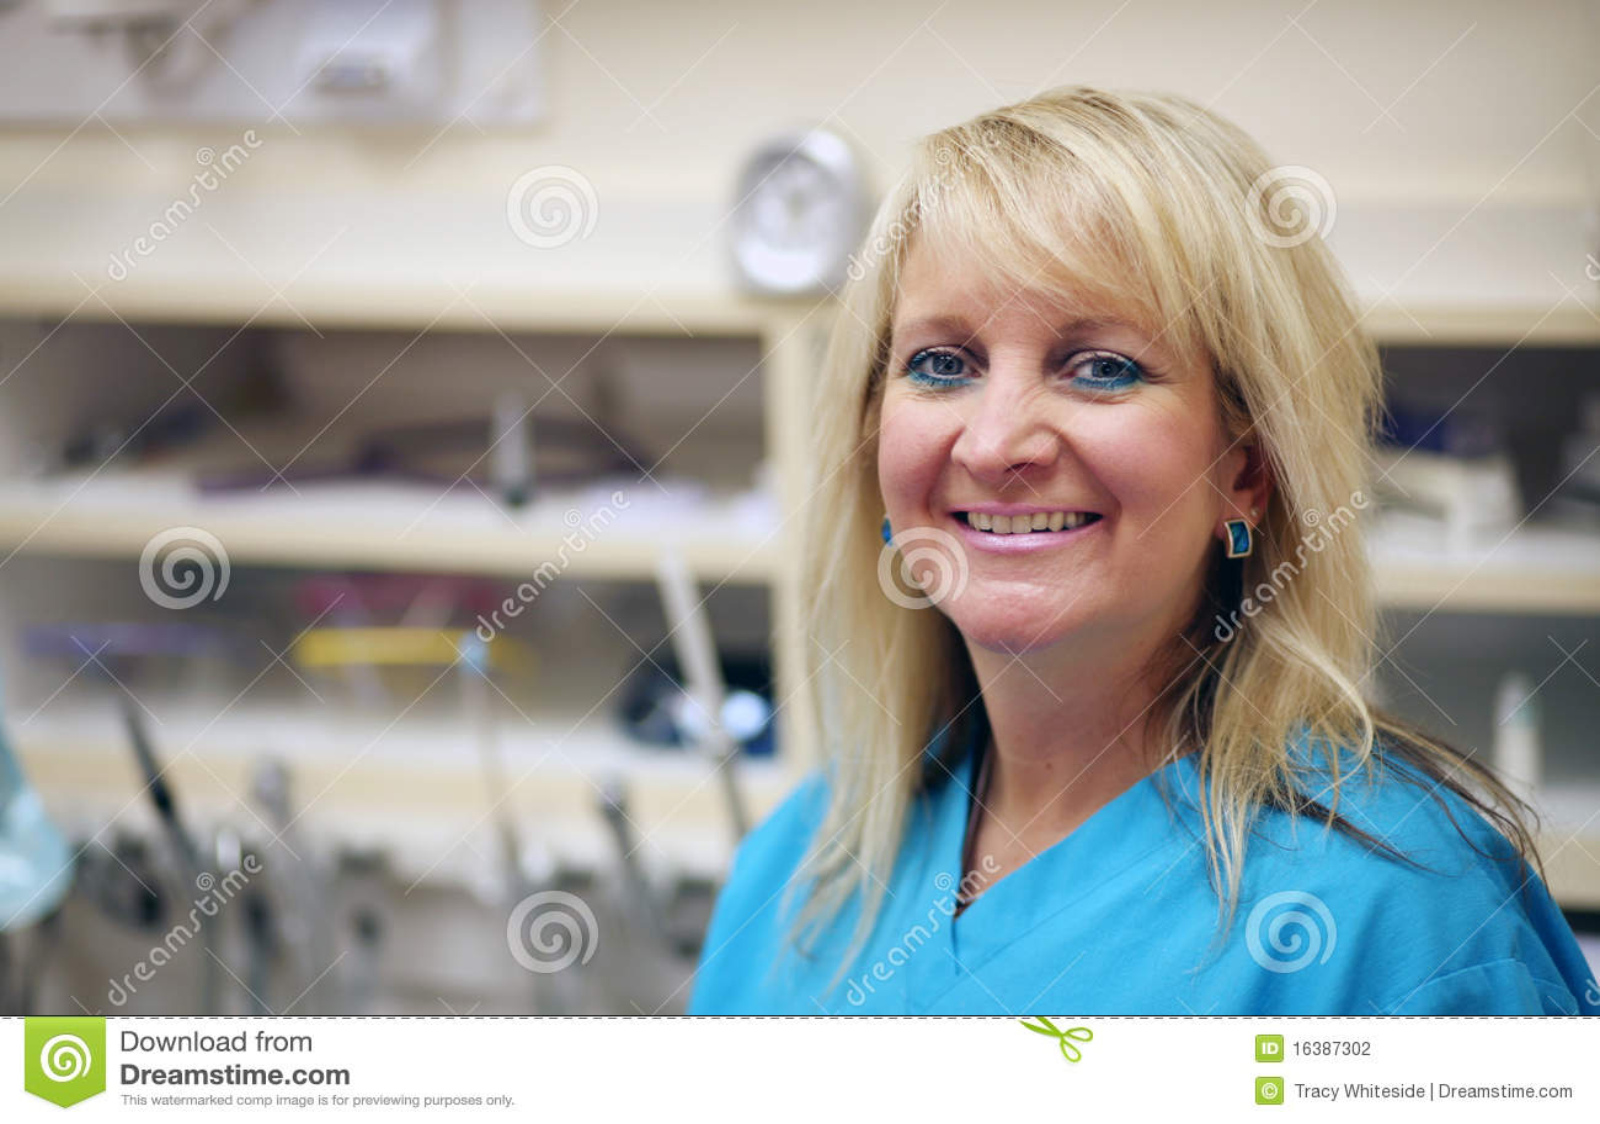 Smiling dental assistant